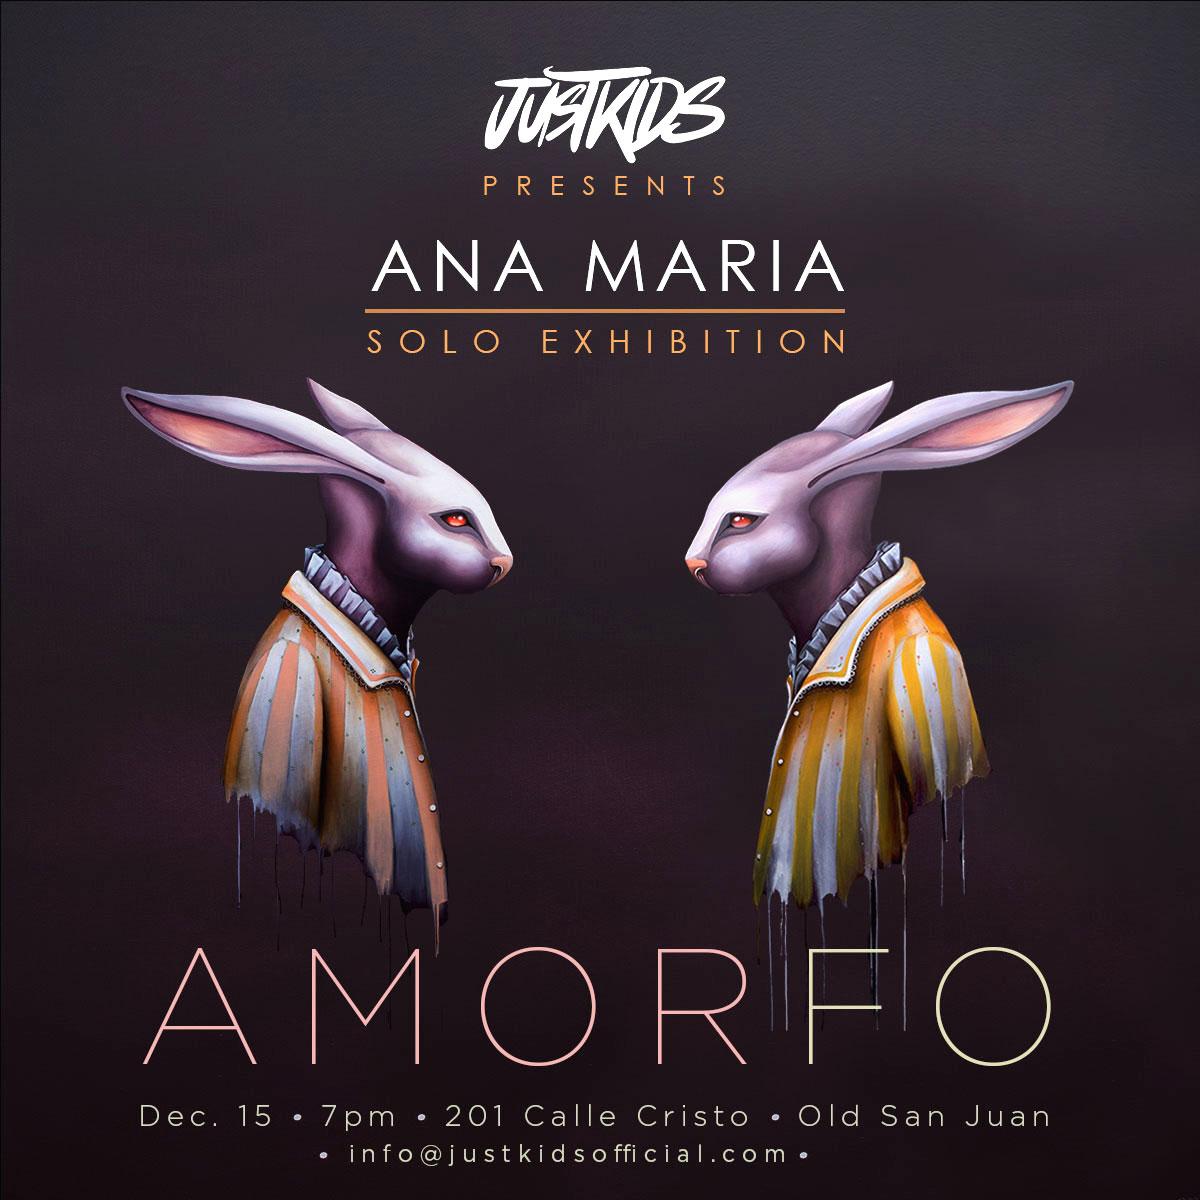 3.Flyer Amorfo Square.jpg